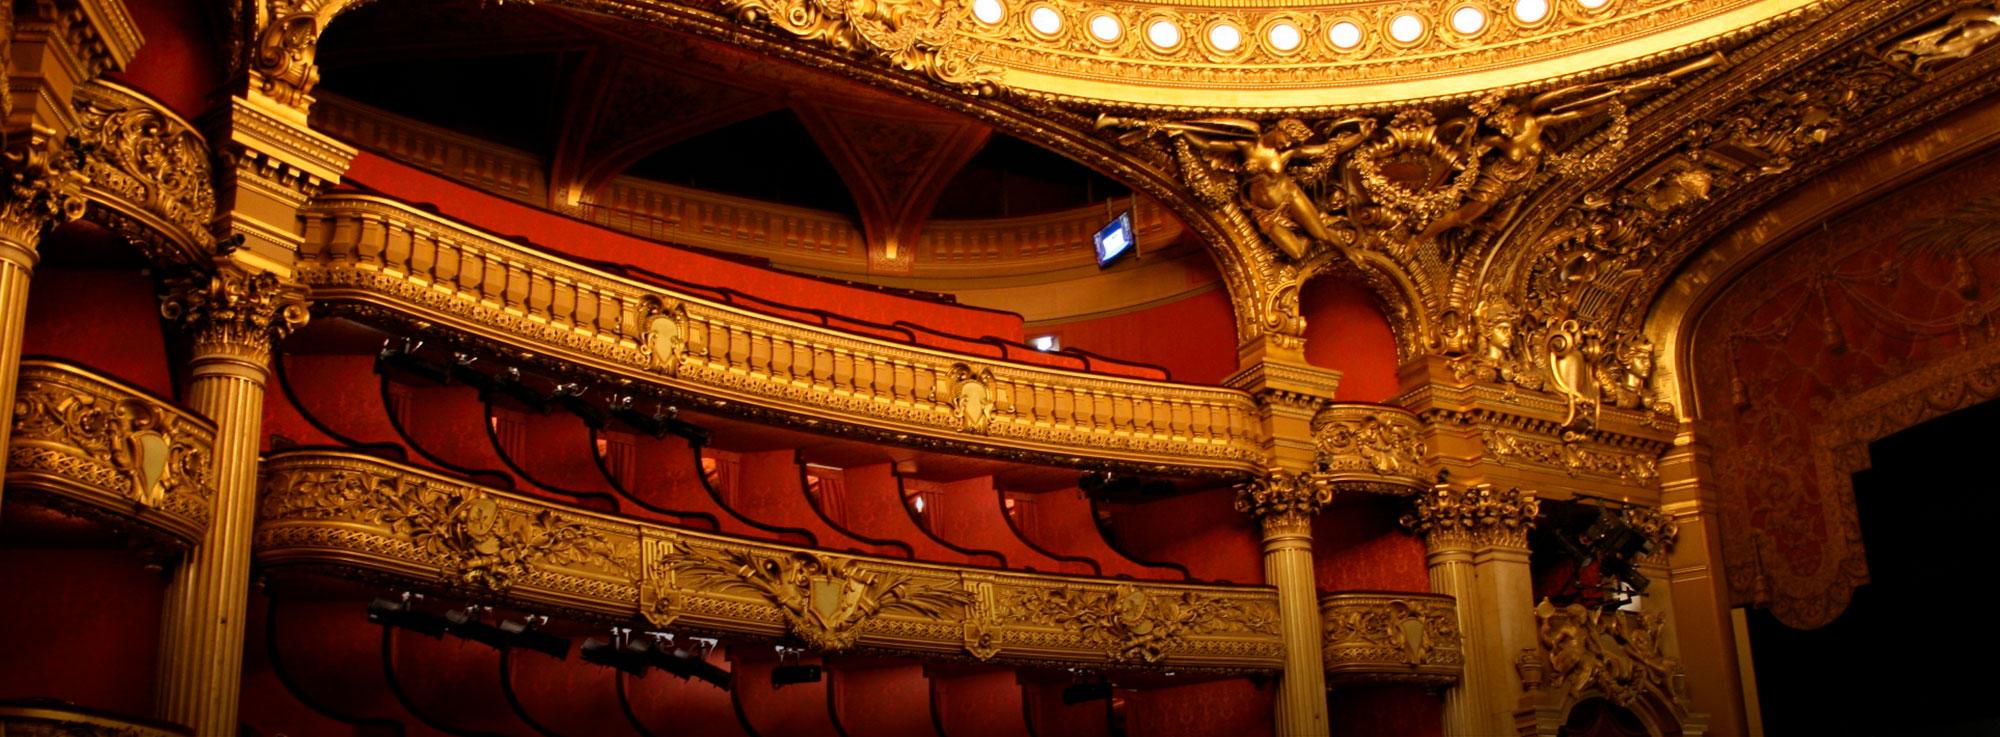 Lecce, Foggia, Brindisi, Barletta: Opera in Puglia